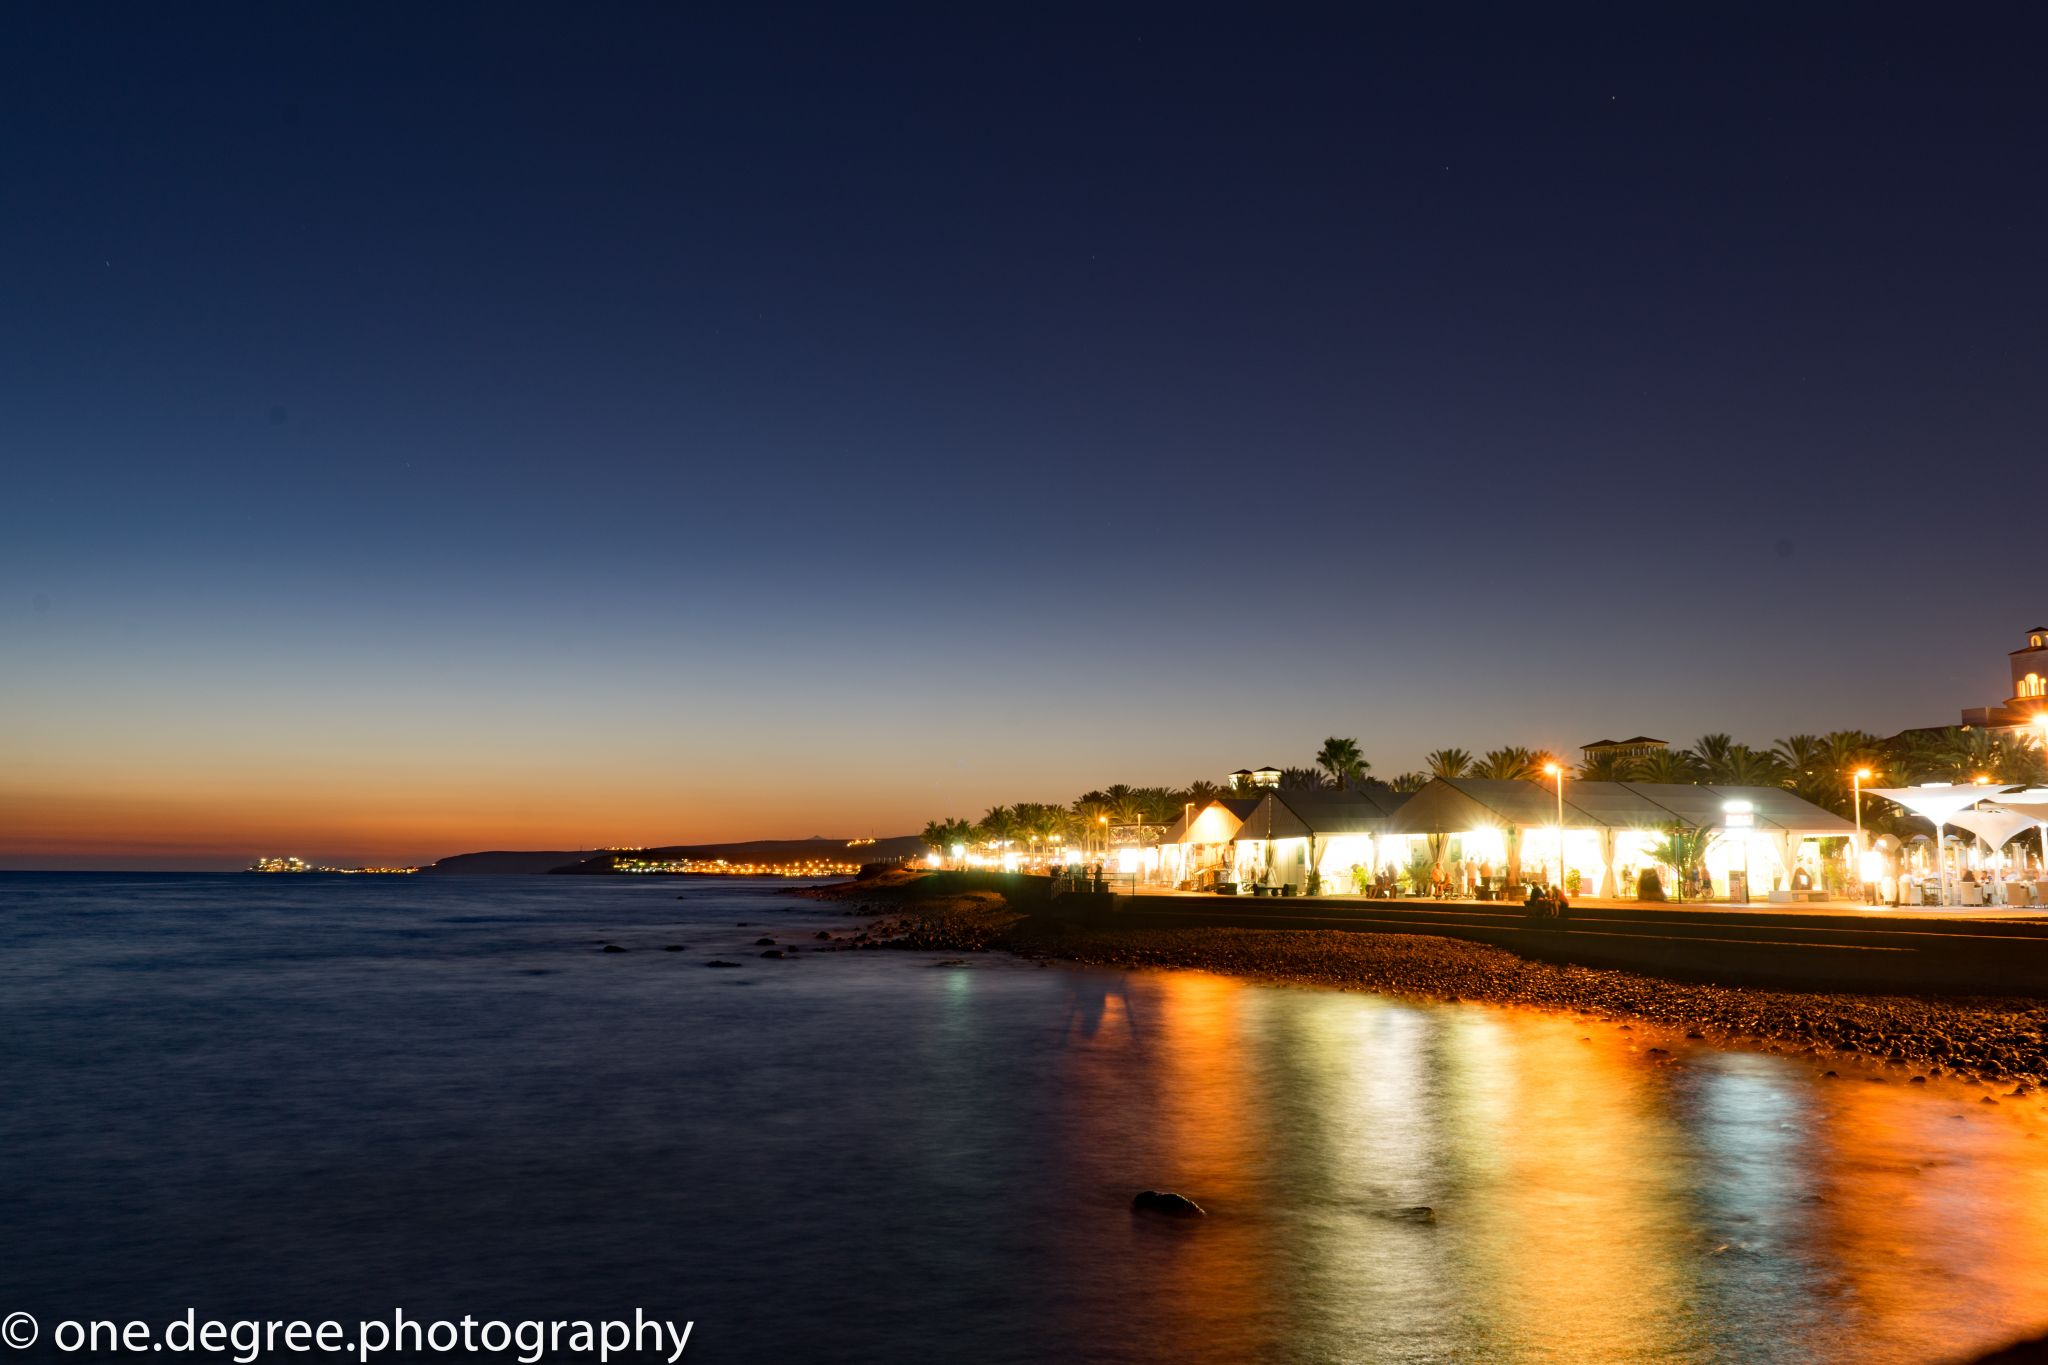 Seaview Gran Canaria, Spain